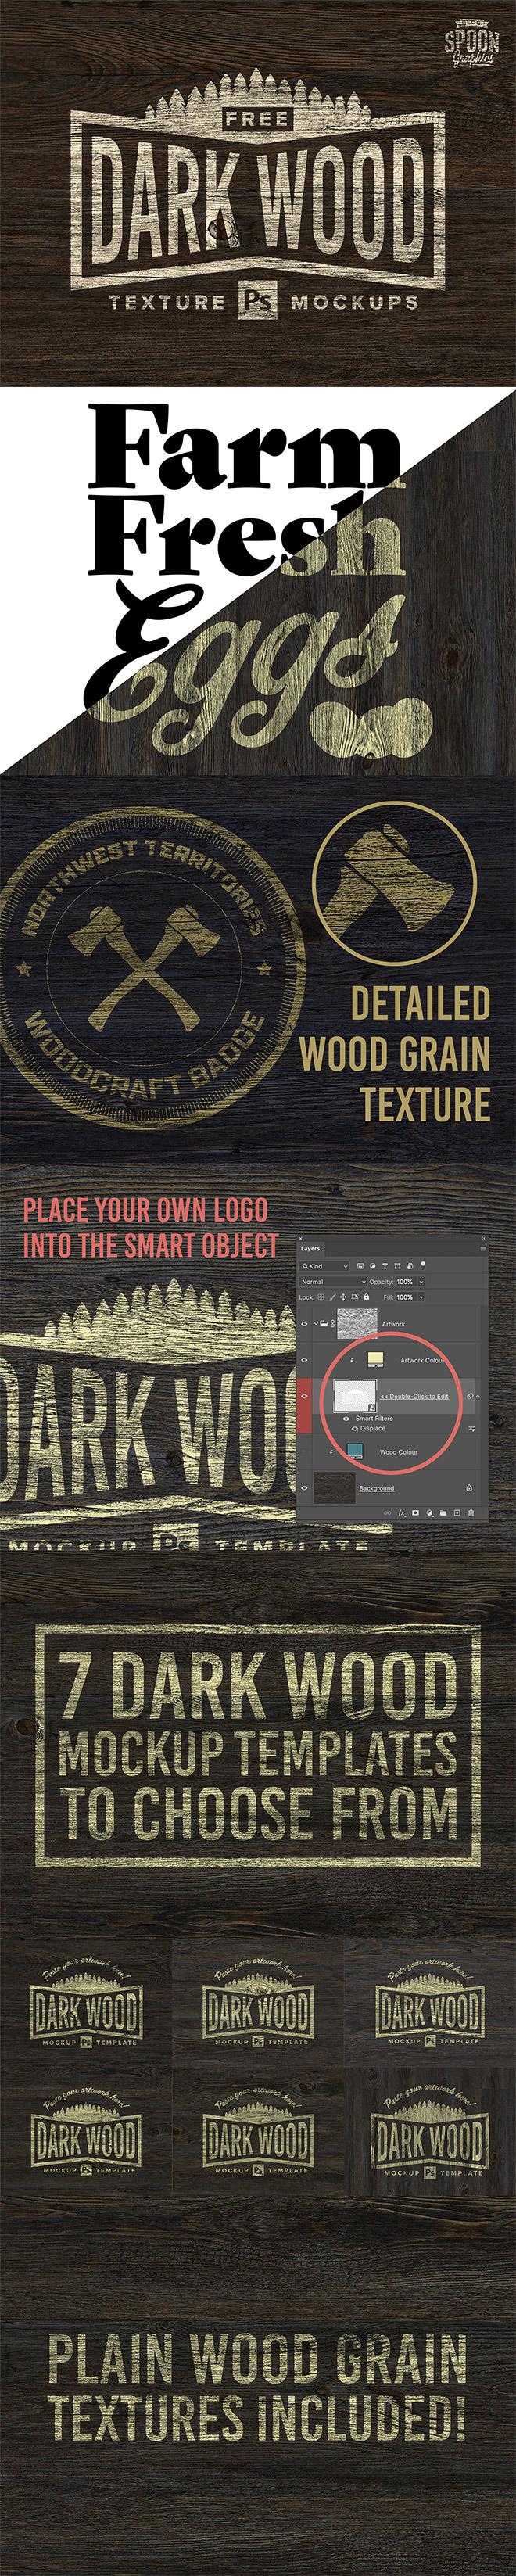 7个免费的深色木质纹理Photoshop样机模板